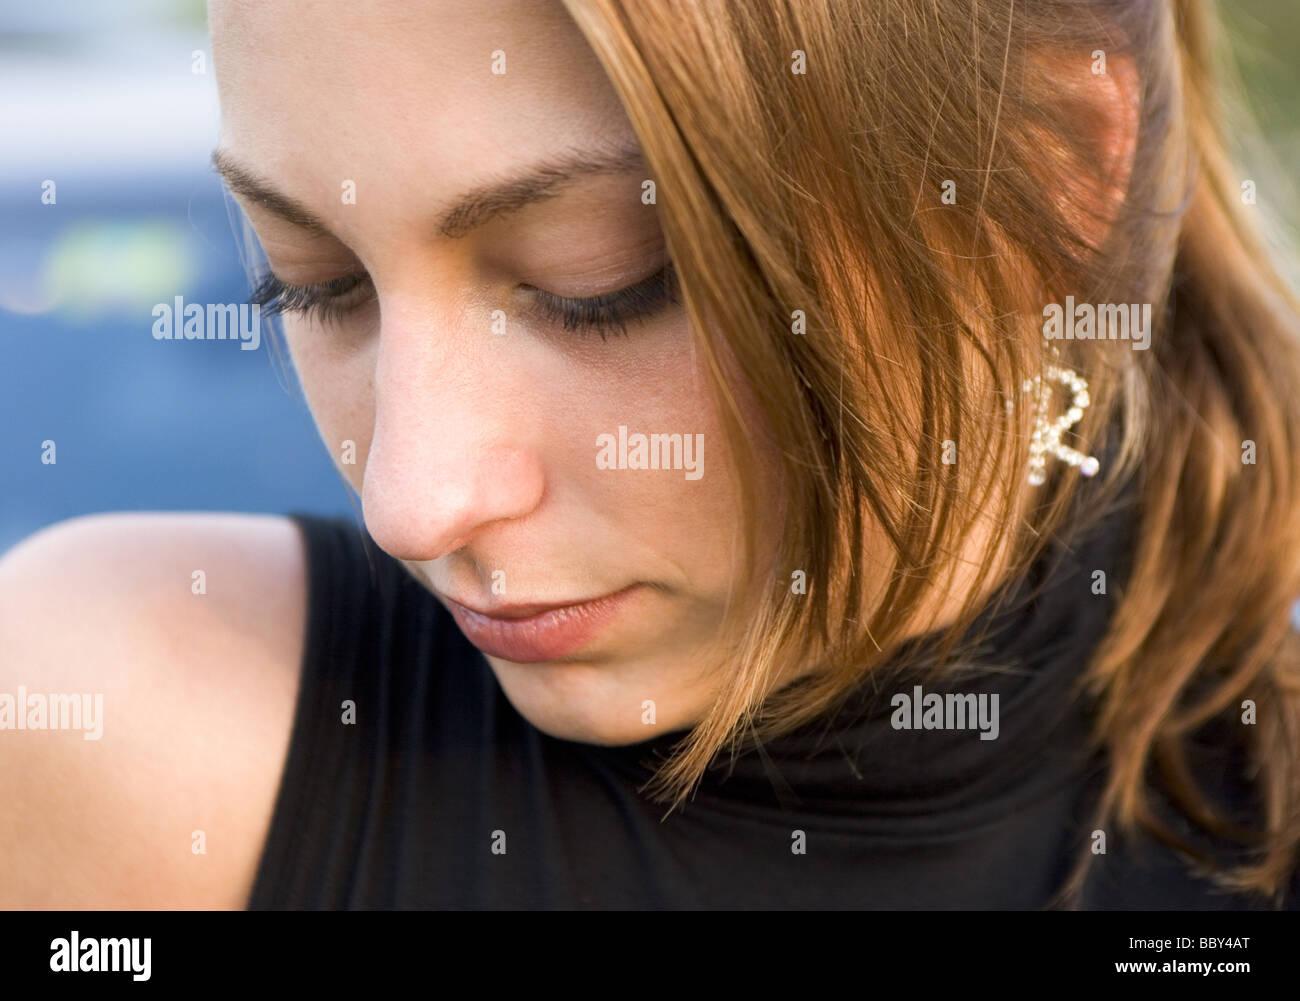 Upset teenage girl looking down - Stock Image